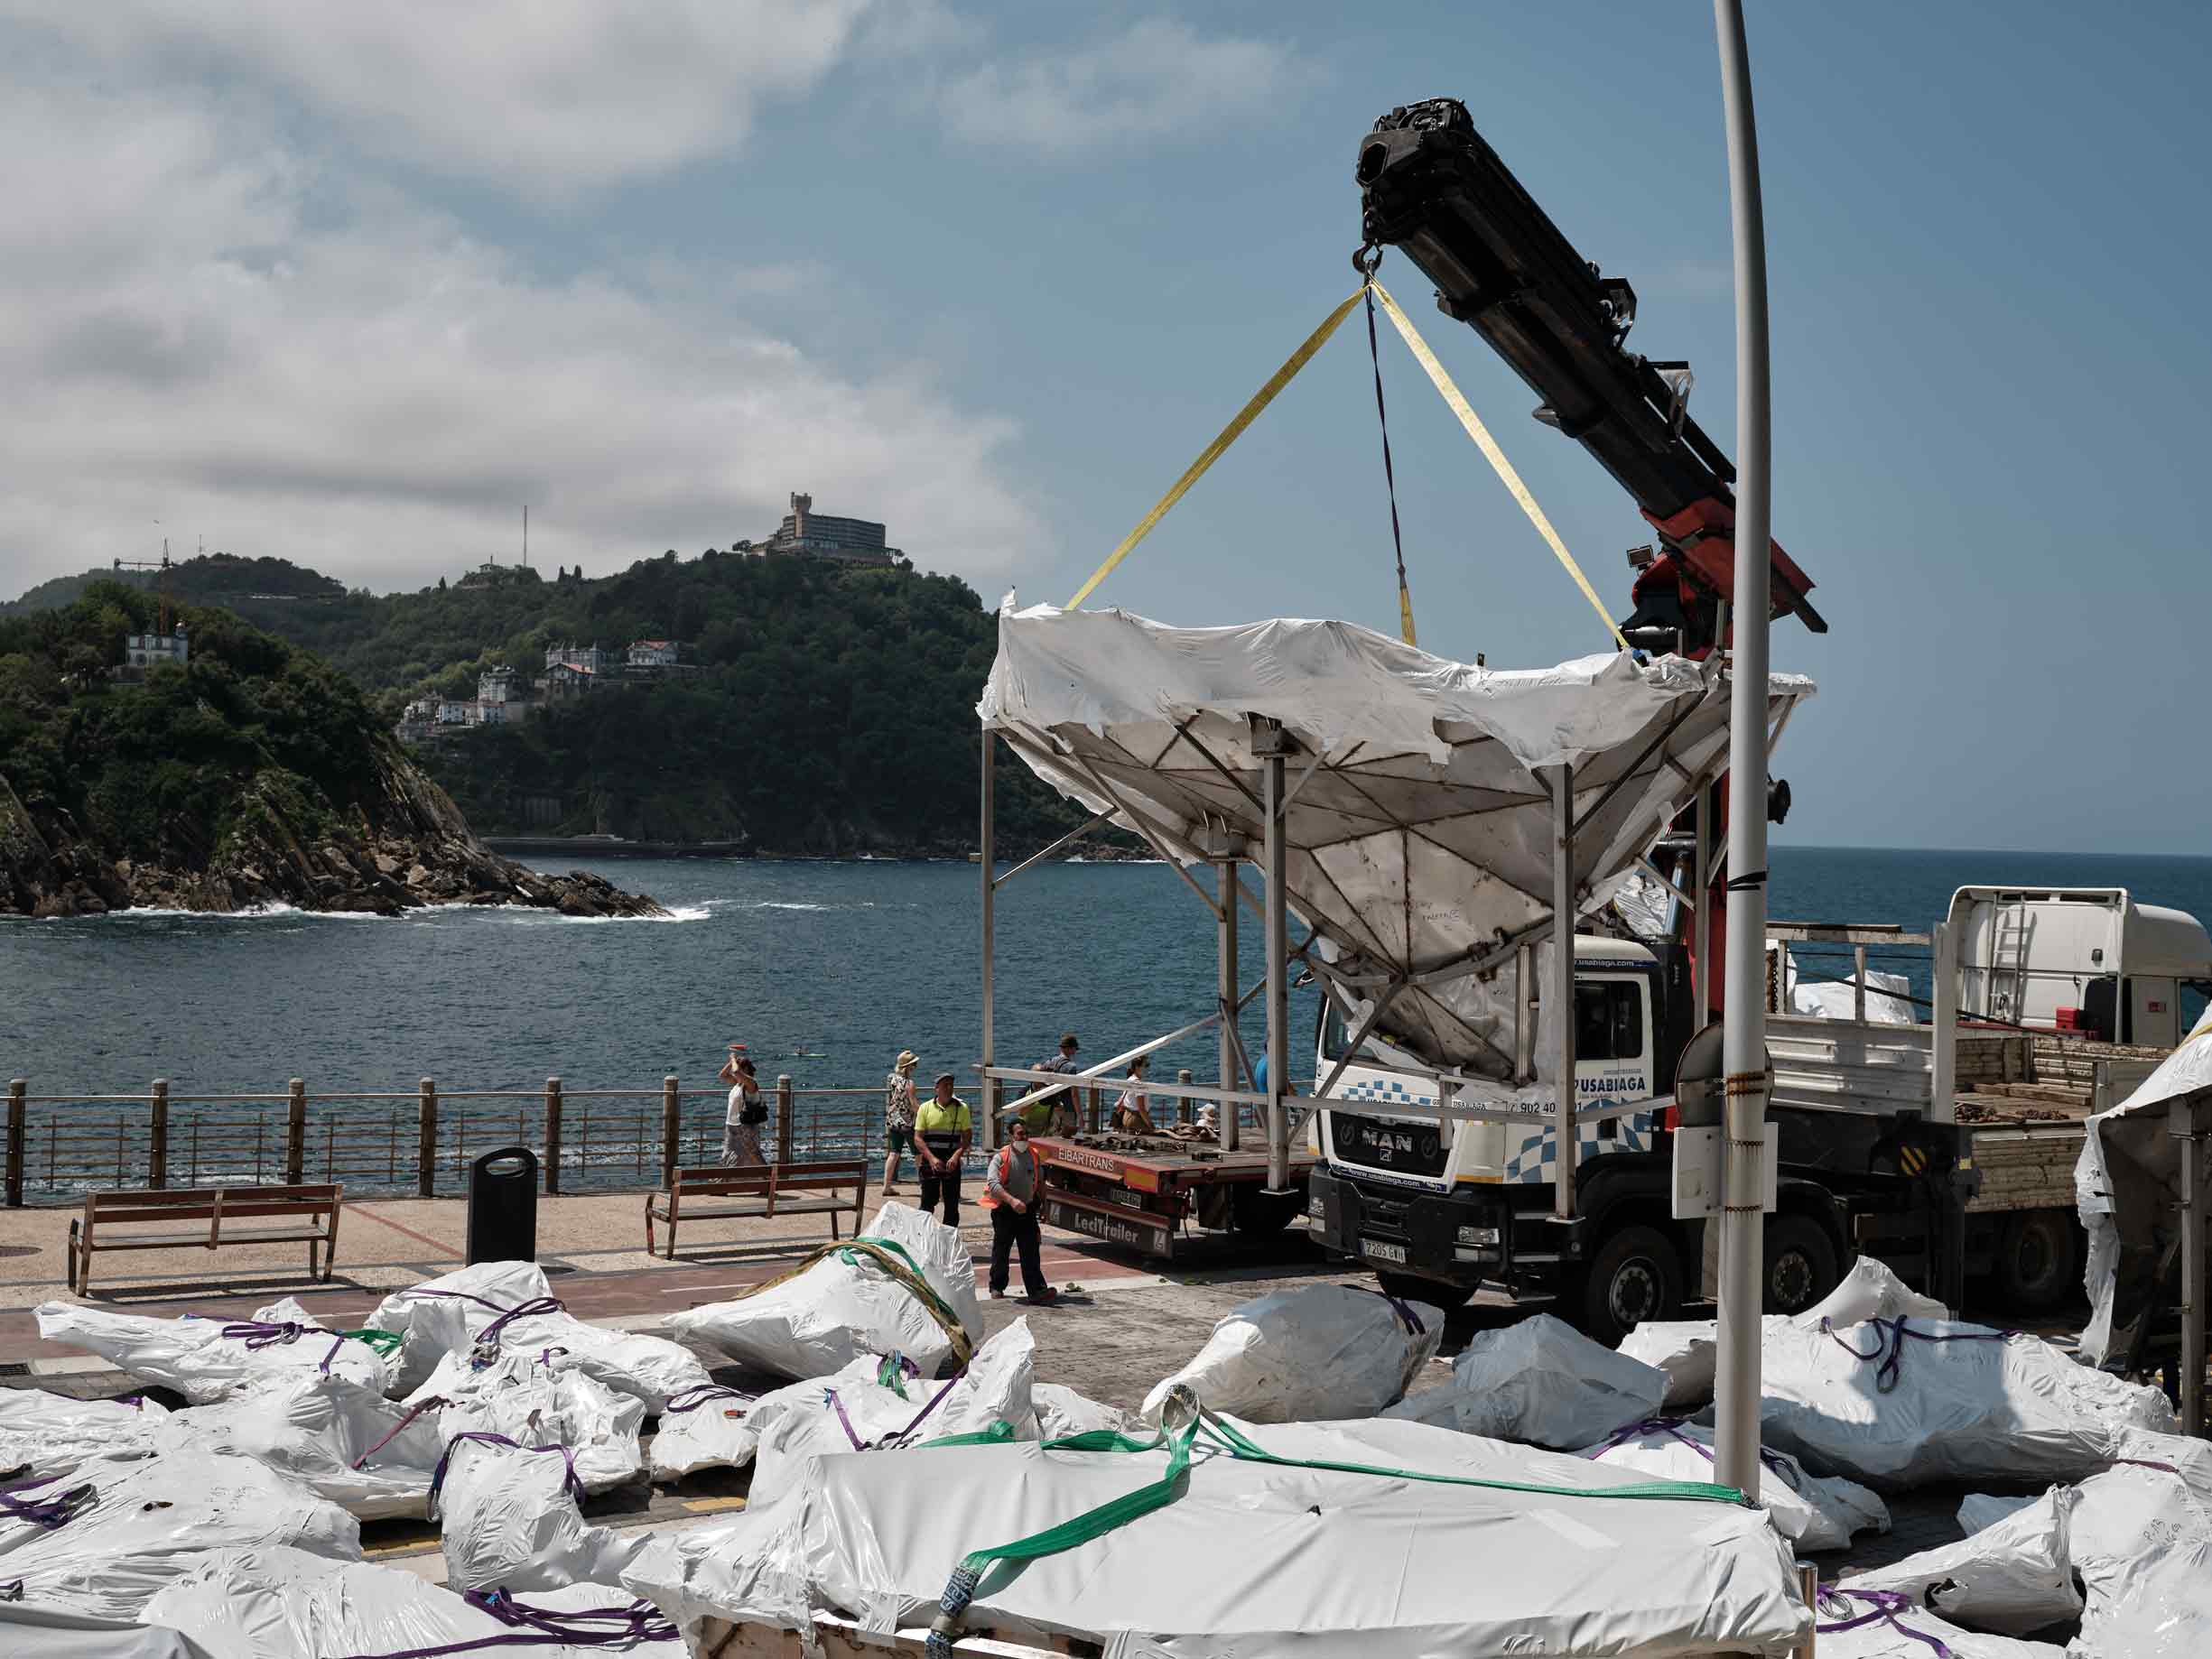 Producción en Alfa Arte de la obra escultórica HONDALEA. Proyecto de Cristina Iglesias para la Casa Faro de la Isla de Santa Clara en Donostia San Sebastián. Fase de montaje con traslado en helicóptero.